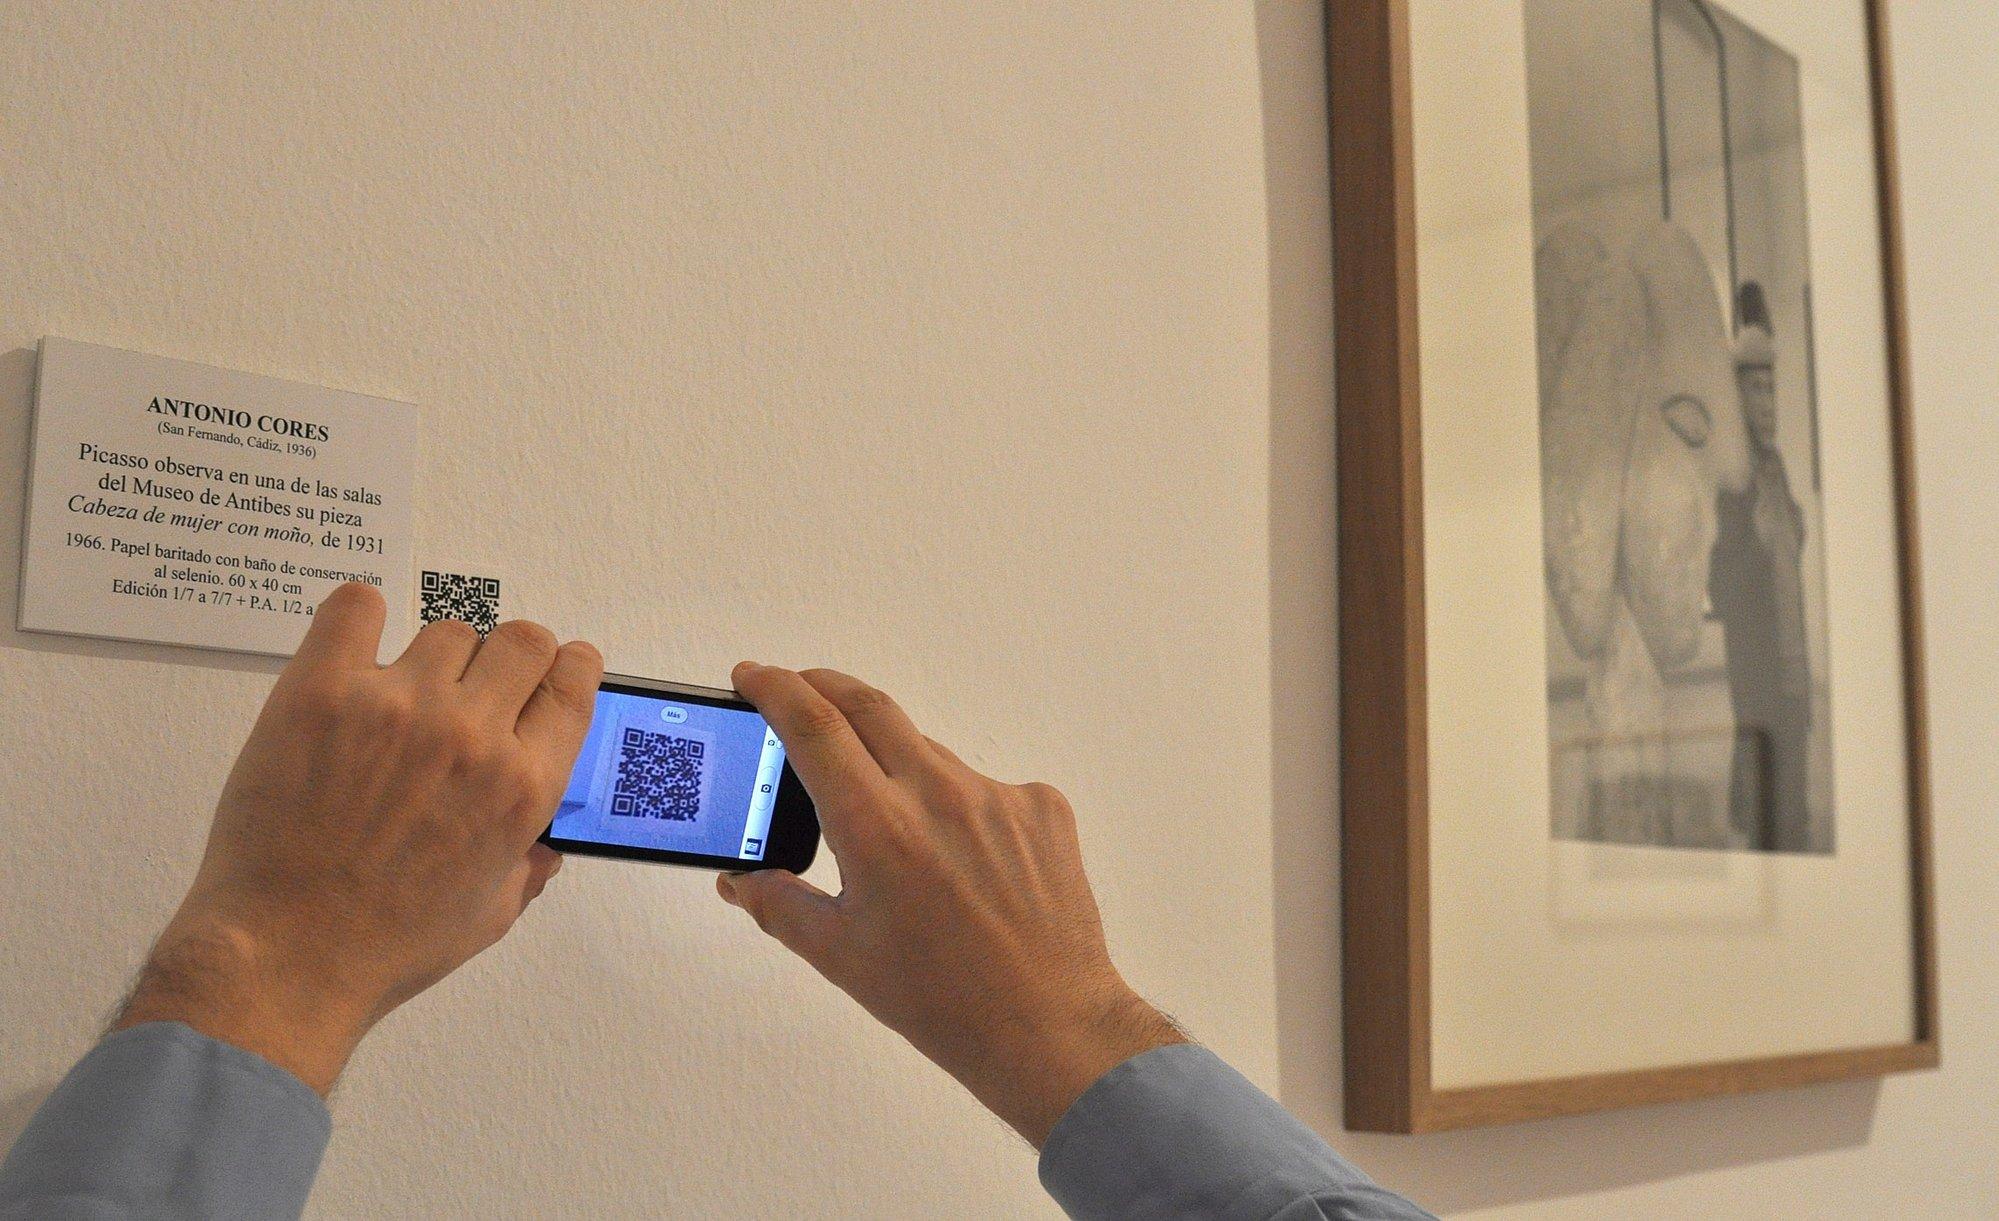 El Museo de Arte Moderno empieza a implantar códigos de lectura rápida en las obras expuestas